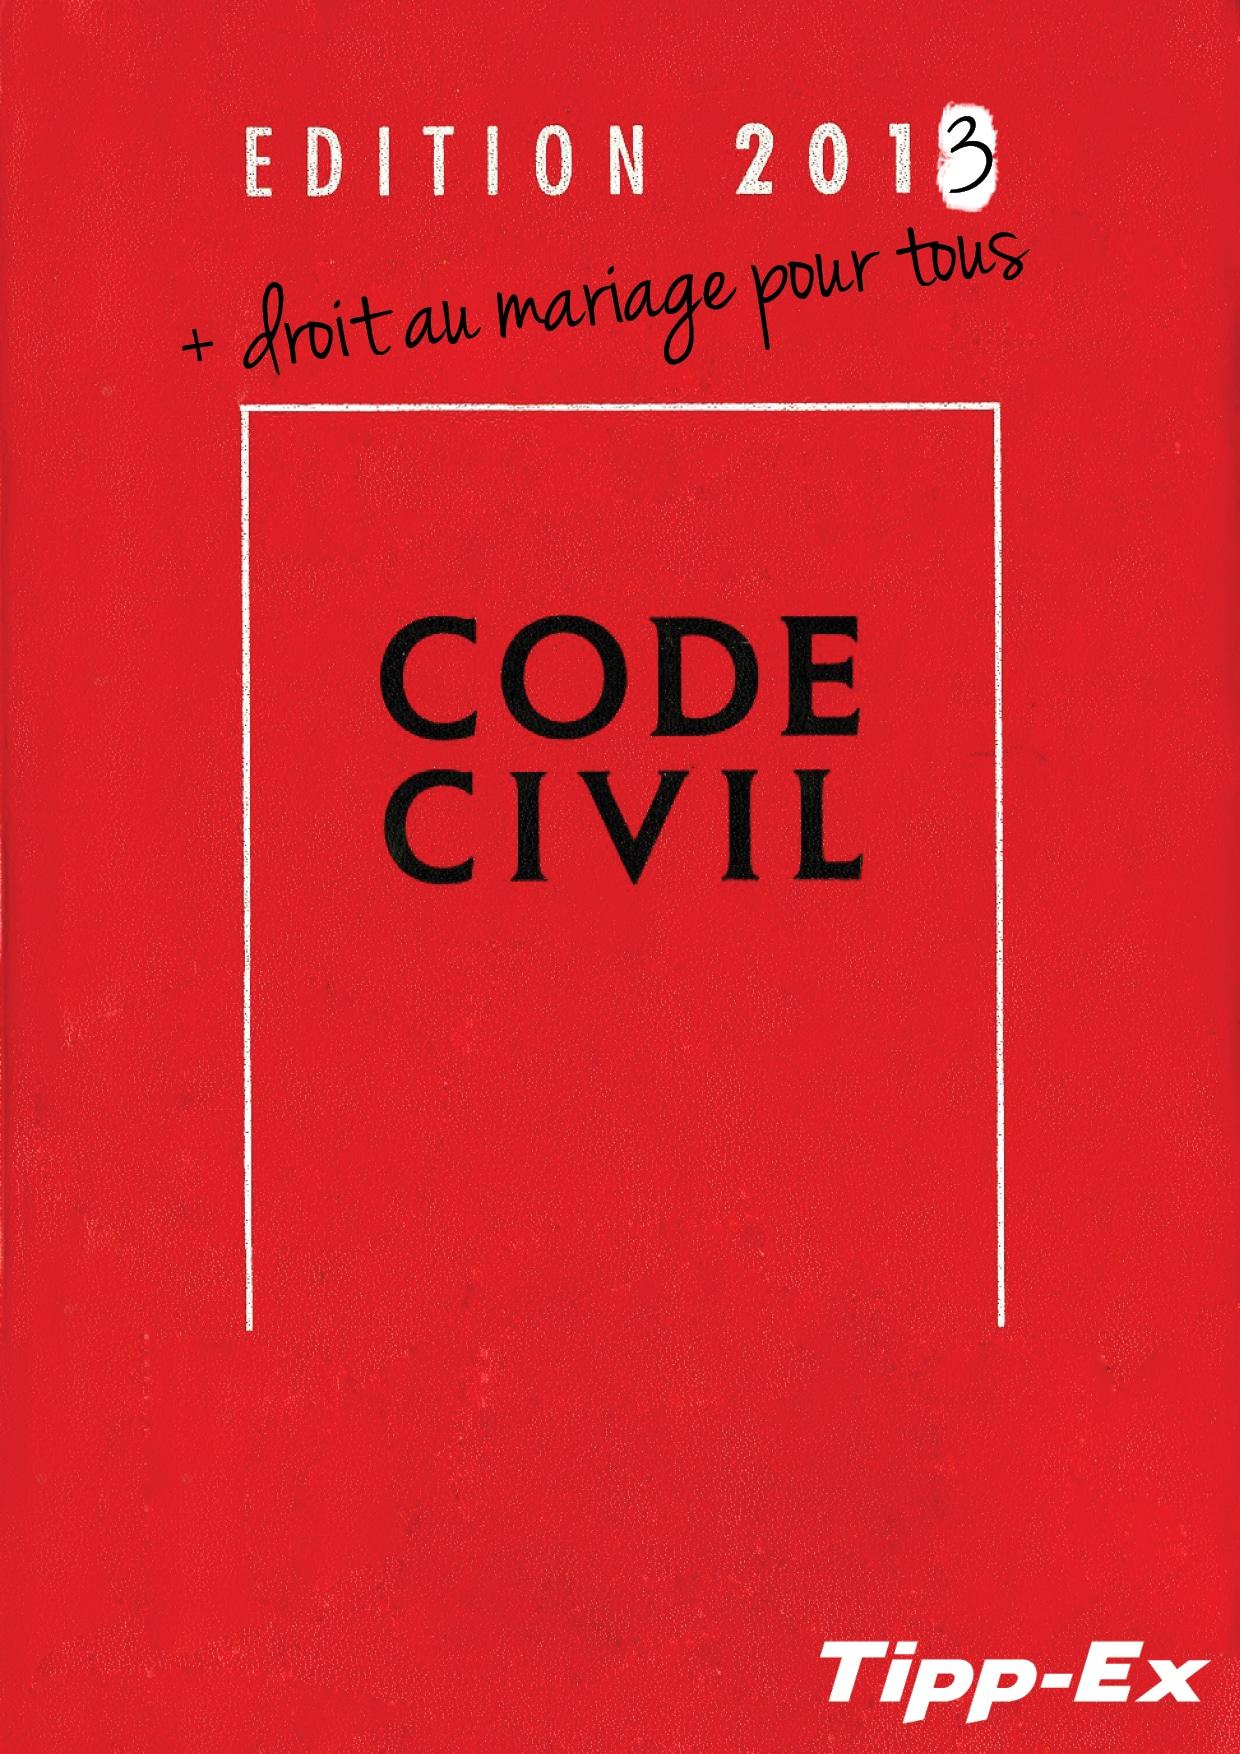 Une image de Tippex et le code civil